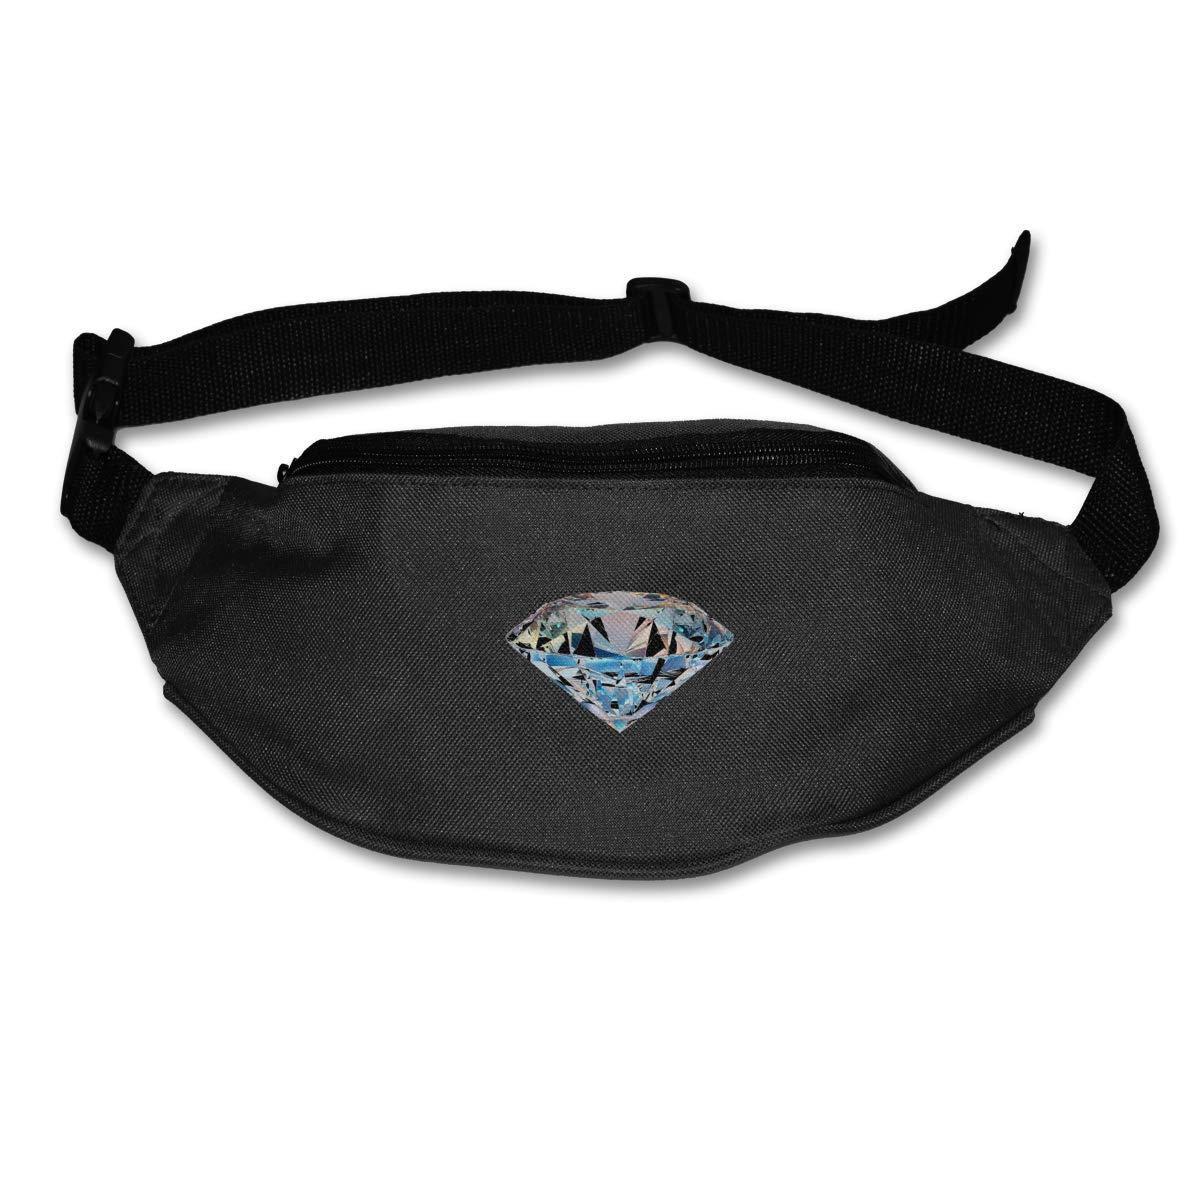 White Diamond Sport Waist Bag Fanny Pack Adjustable For Travel